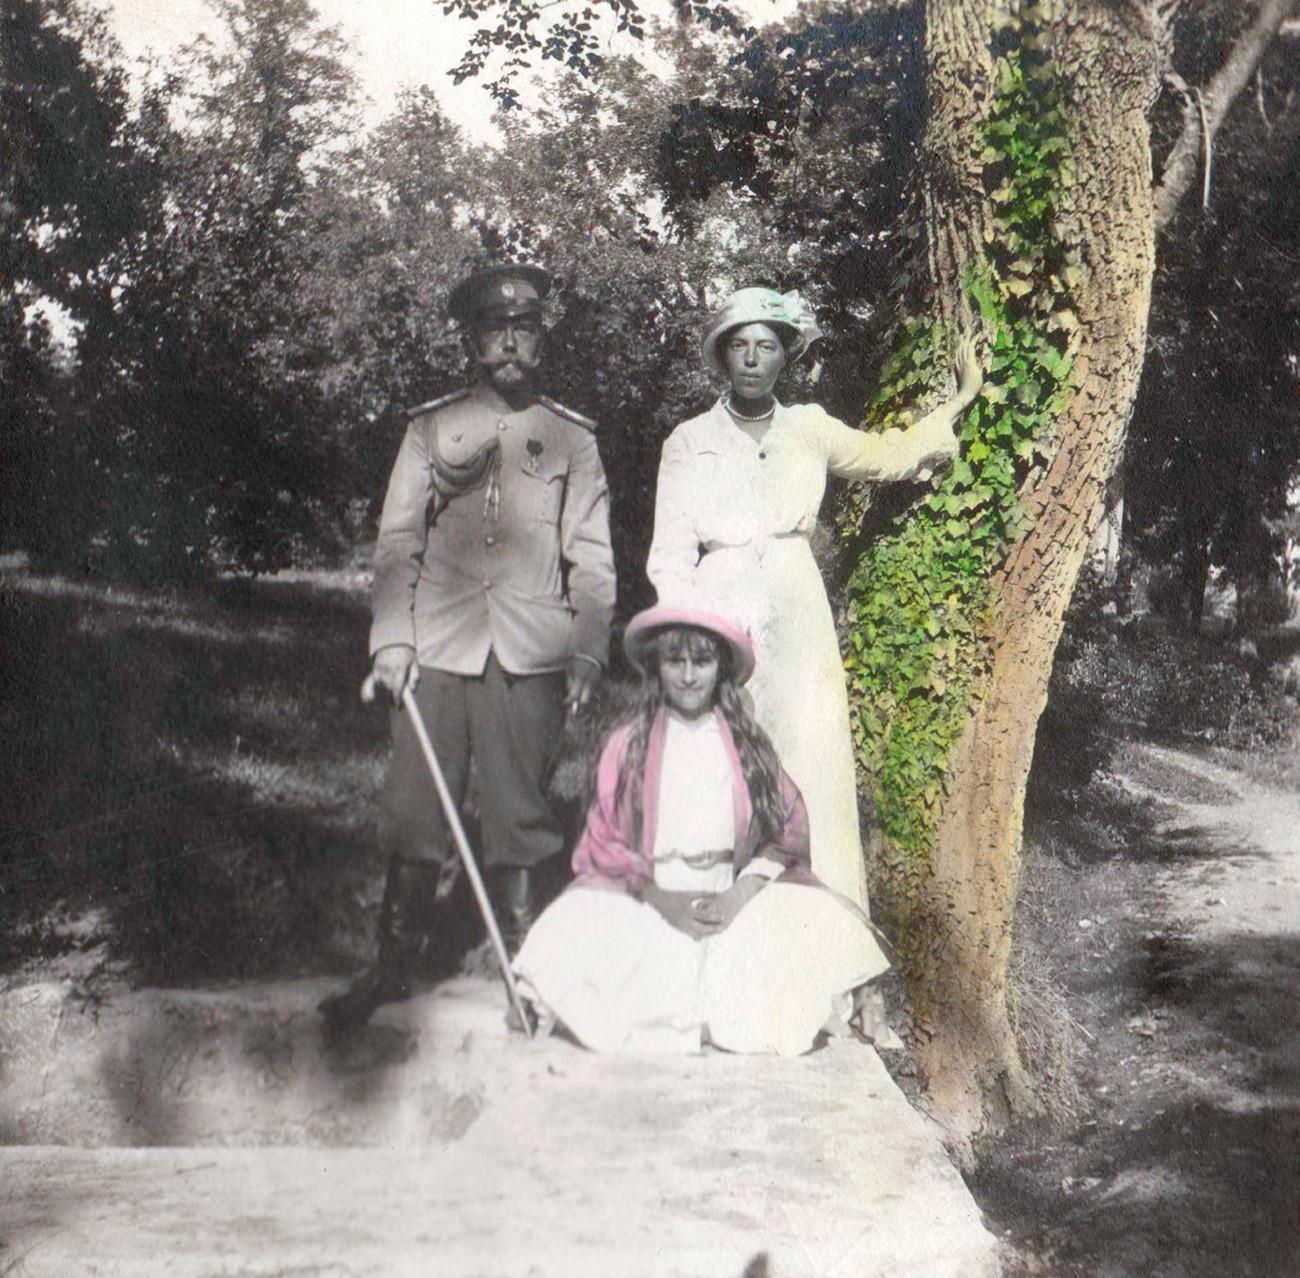 Николај II са сестром Олгом и ћерком Анастасијом (која је обојила фотографију)